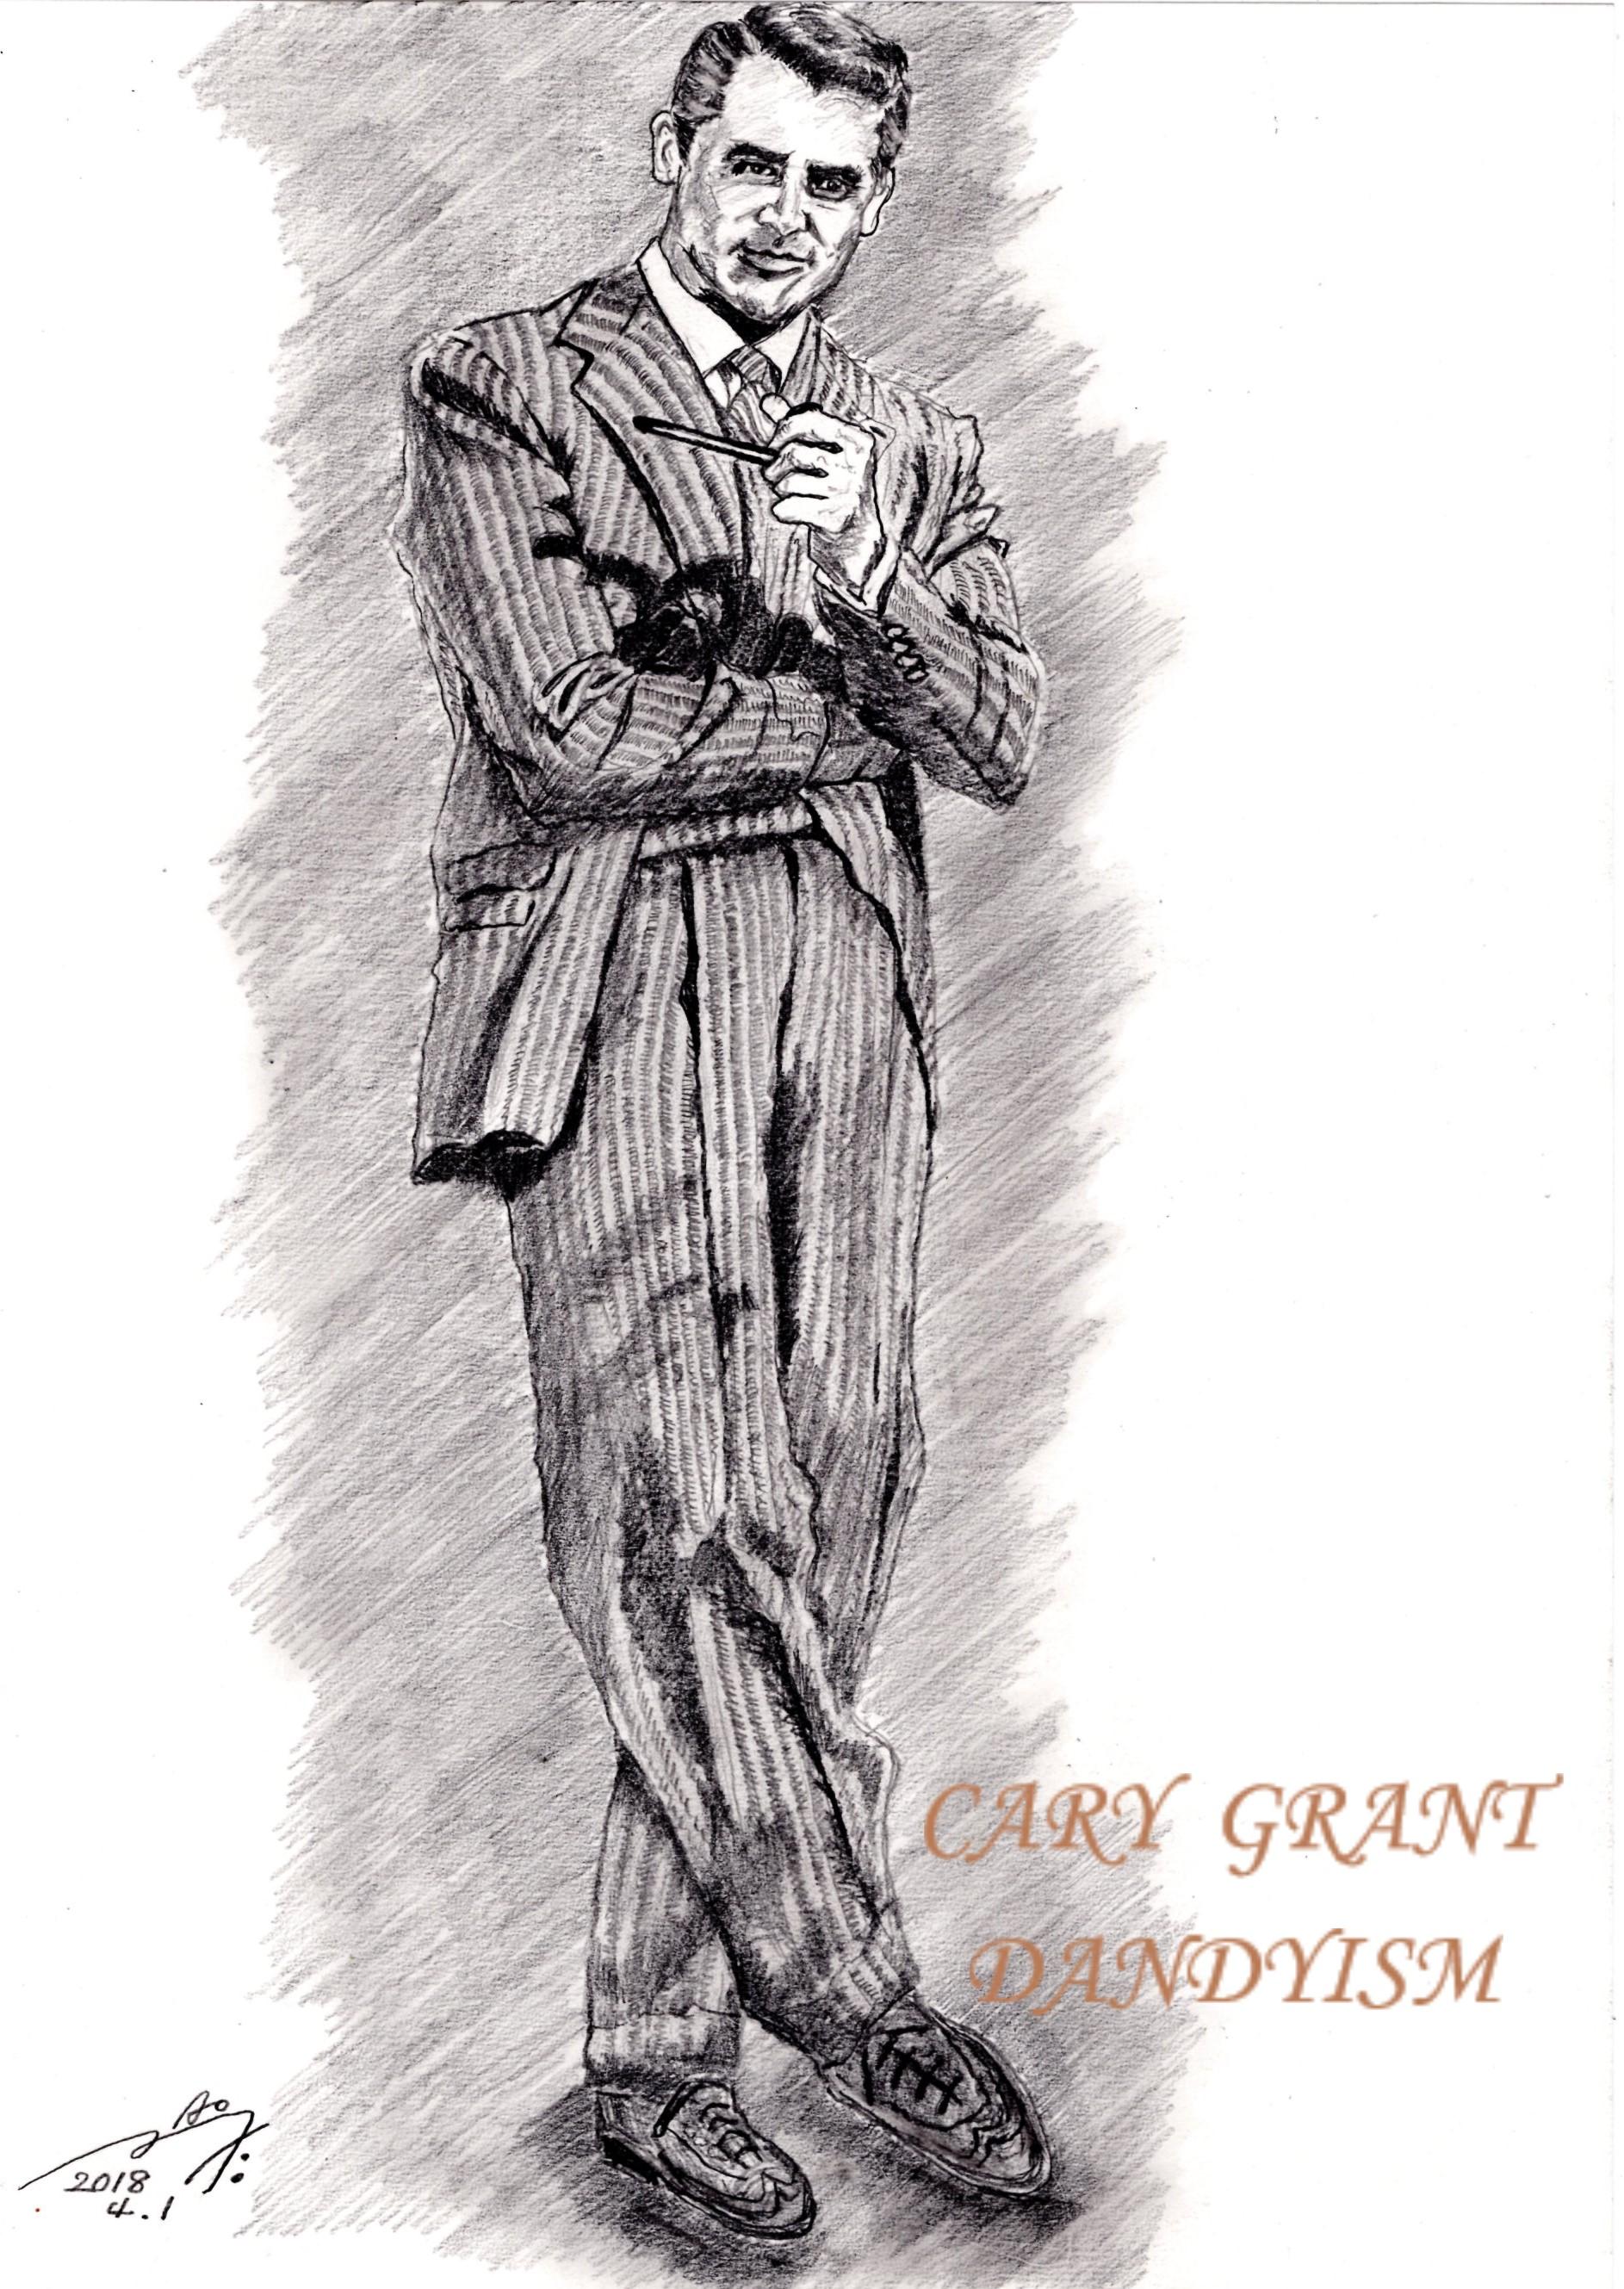 ケーリー・グラントの鉛筆画似顔絵、Cary Grannt penncil drawing